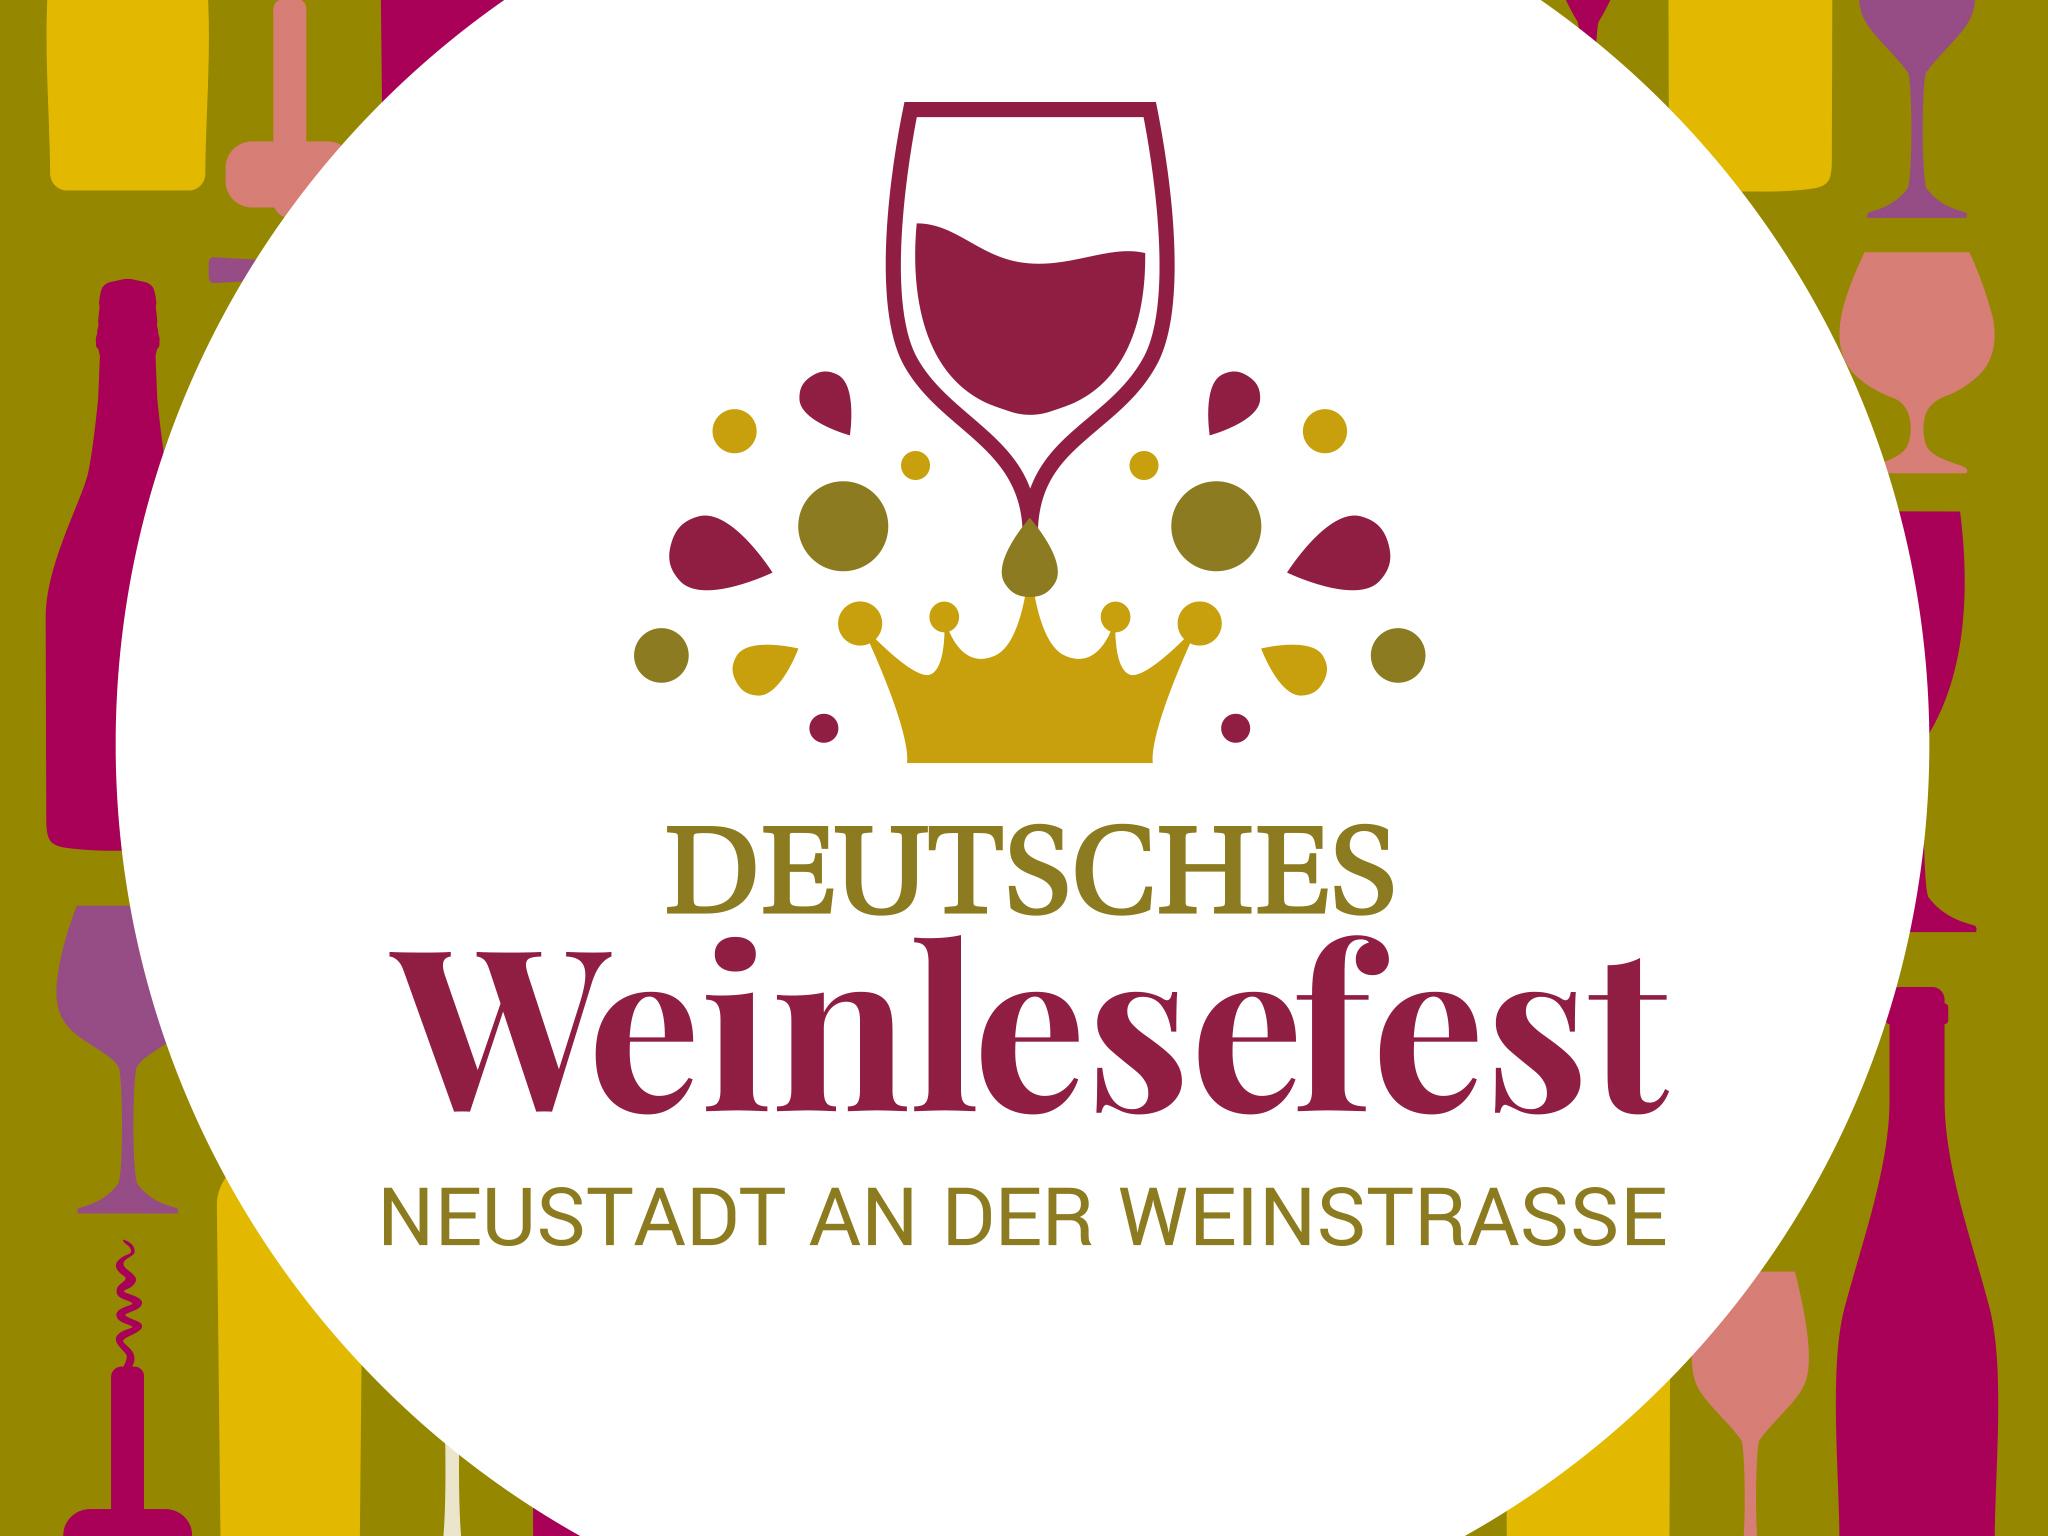 deutsches weinlesefest 2019